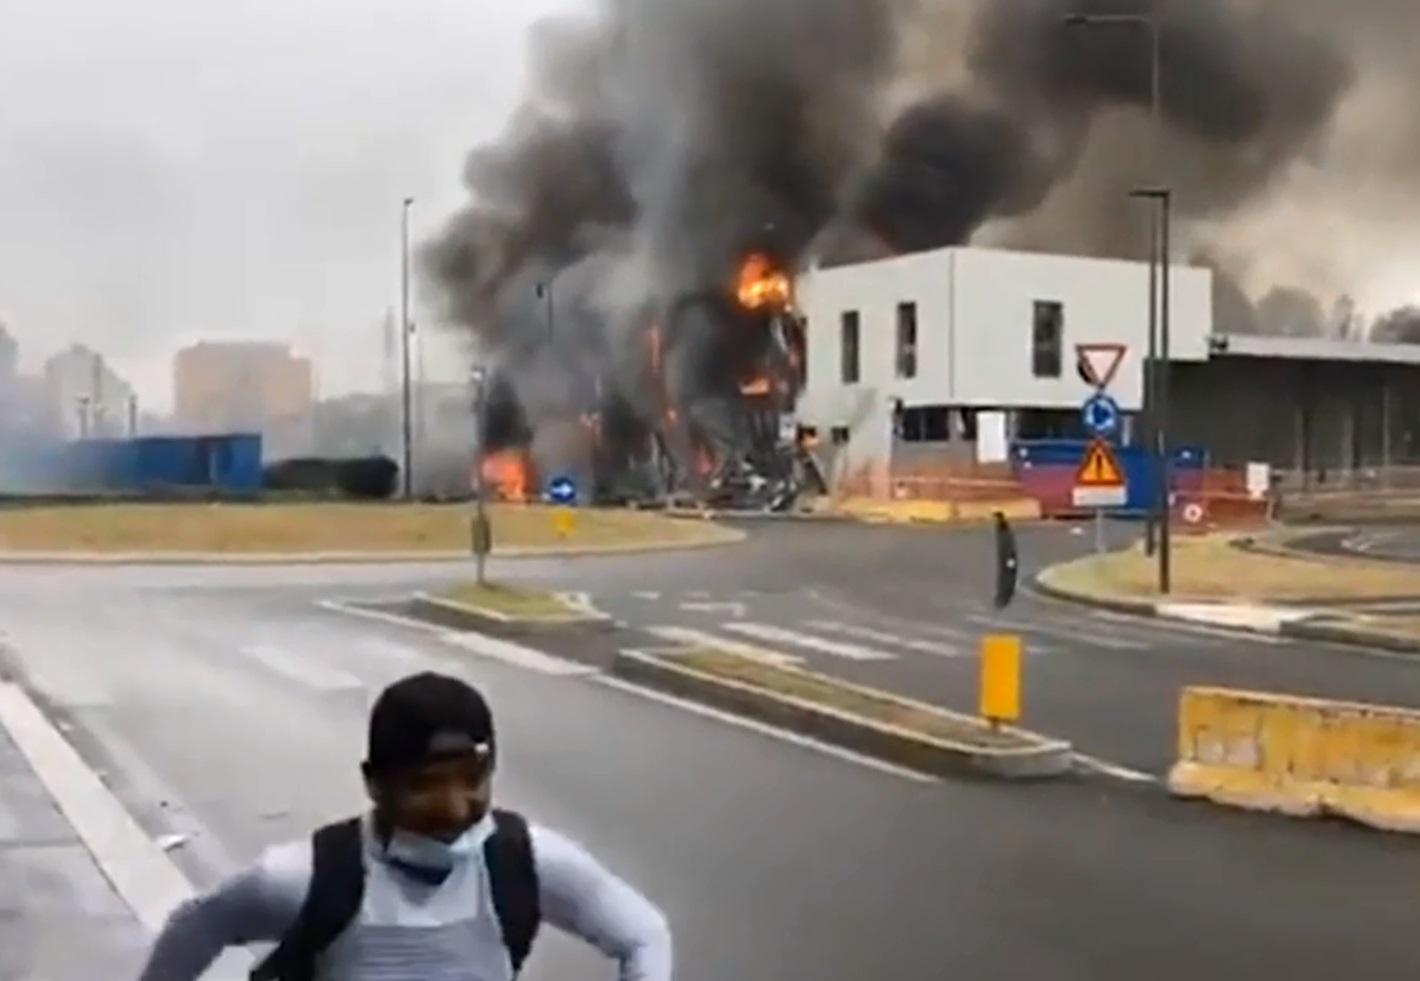 Ιταλία: Συντριβή αεροπλάνου στο Μιλάνο – Έπεσε δίπλα σε στάση του μετρό